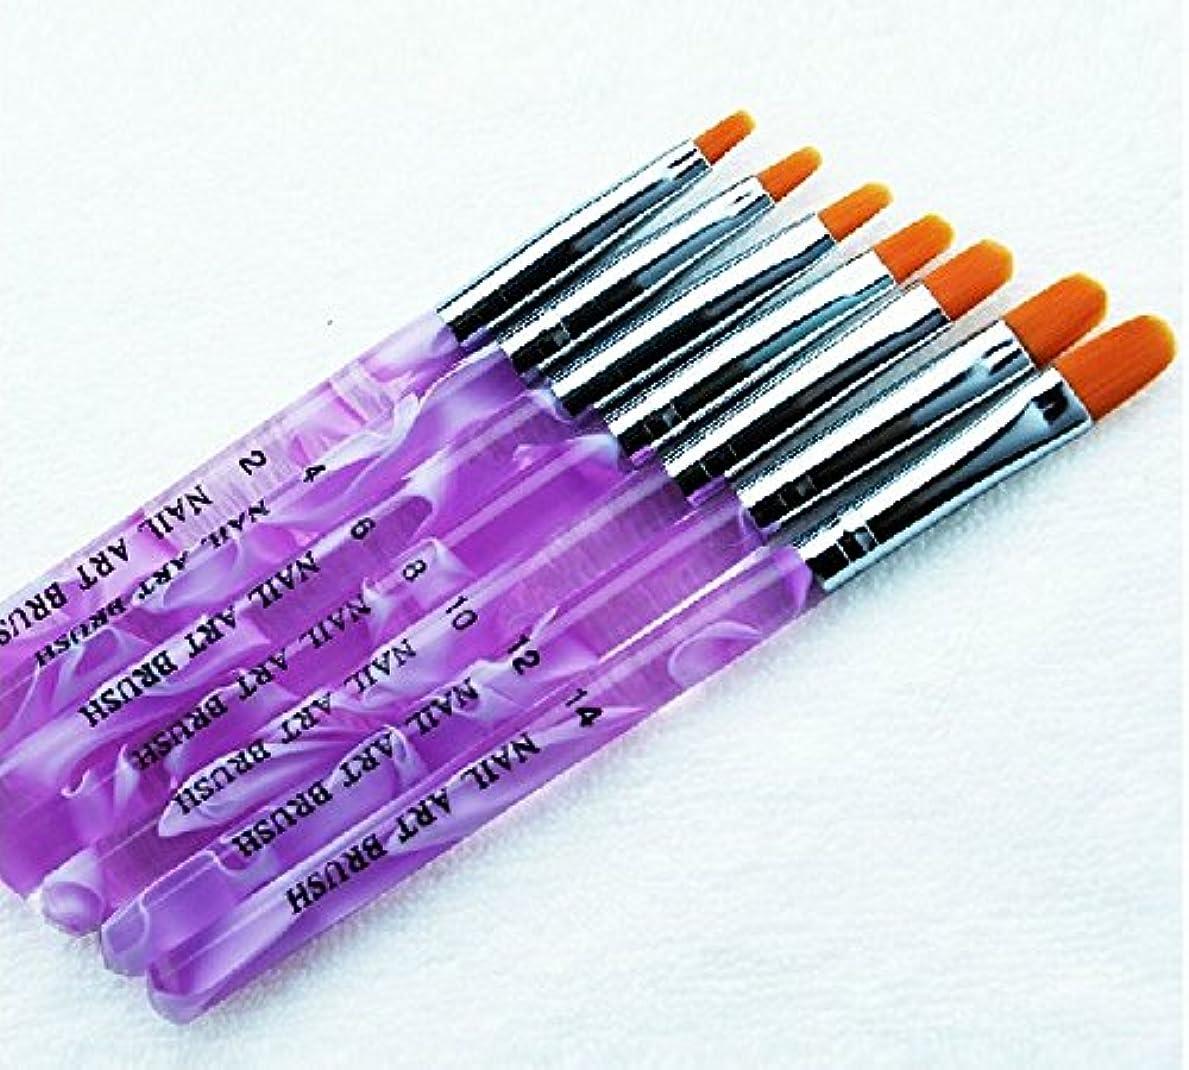 恋人ペグオプションPOT ジェル ネイルブラシ 7本セット UV用 ジェルブラシ 平筆ブラシ 使い分けに ナンバー 印字 入り